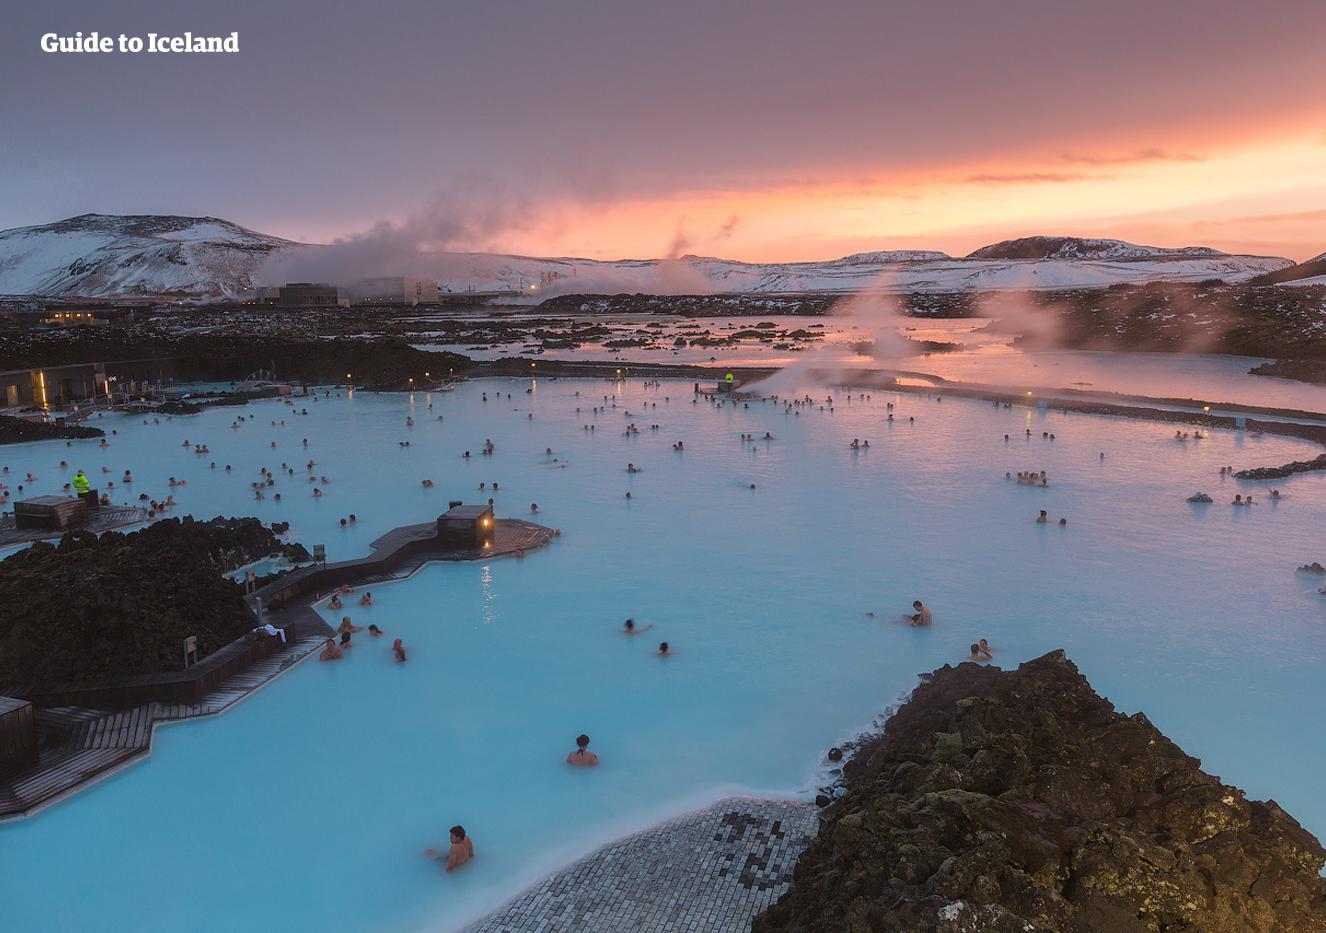 Profitez de l'eau chaude apaisante du lieu le plus célèbre d'Islande, le Blue Lagoon